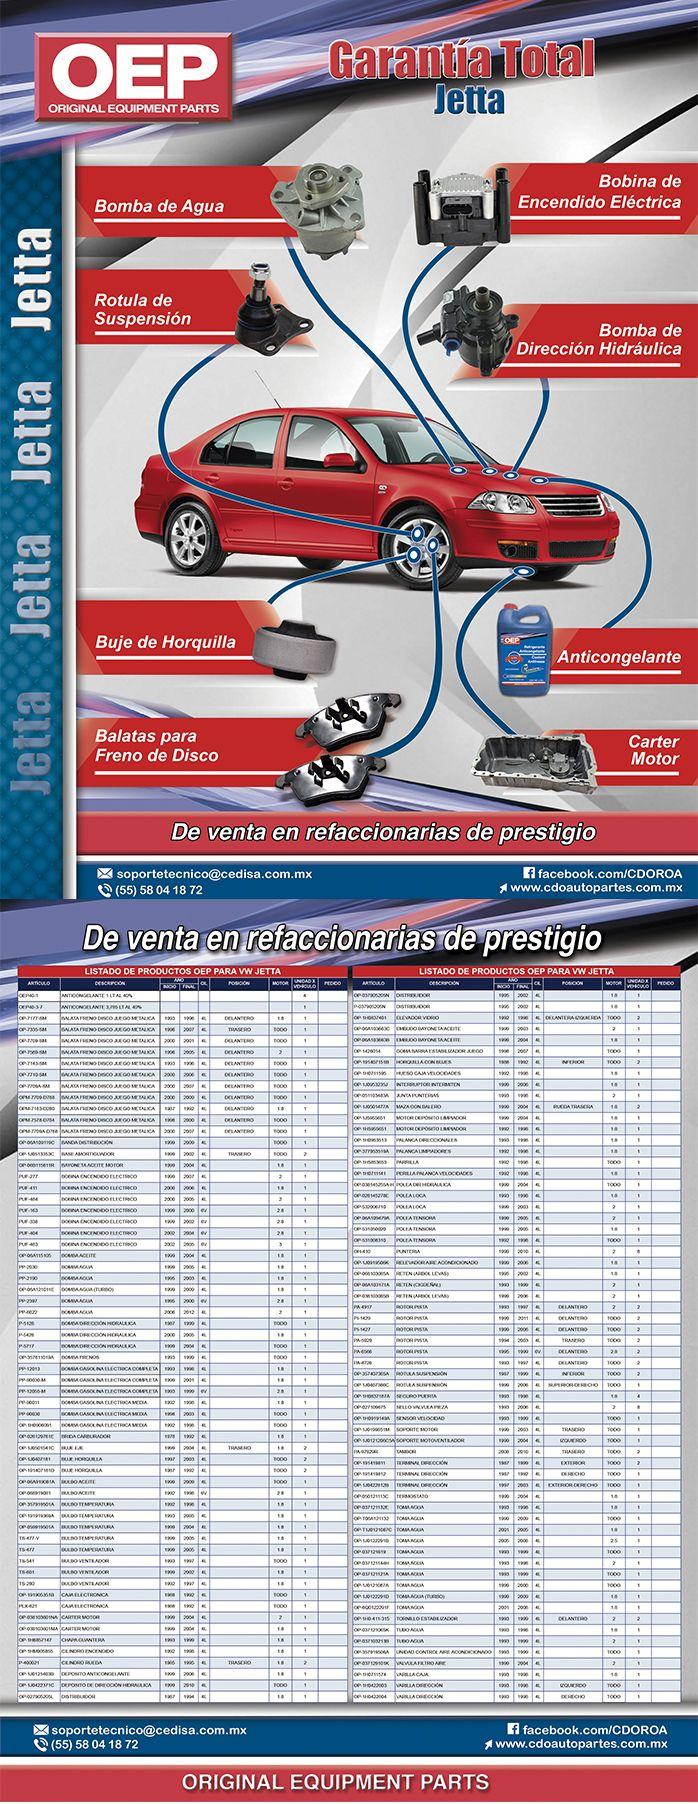 OEP refacciones de equipo original que le ofrece garantía total. Aplicación en VW Jetta. Todo para tu auto. *Bomba de agua *Rotula de suspensión *Buje de horquilla *Anticongelante *Carter motor *Bomba de dirección hidráulica *Bobina de encendido eléctrica *Balatas para freno de disco. Síguenos en: Youtube.com/OEP Autopartes al correo: soportetecnico@cedisa.com.mx o al Tel: (55) 5804-1872